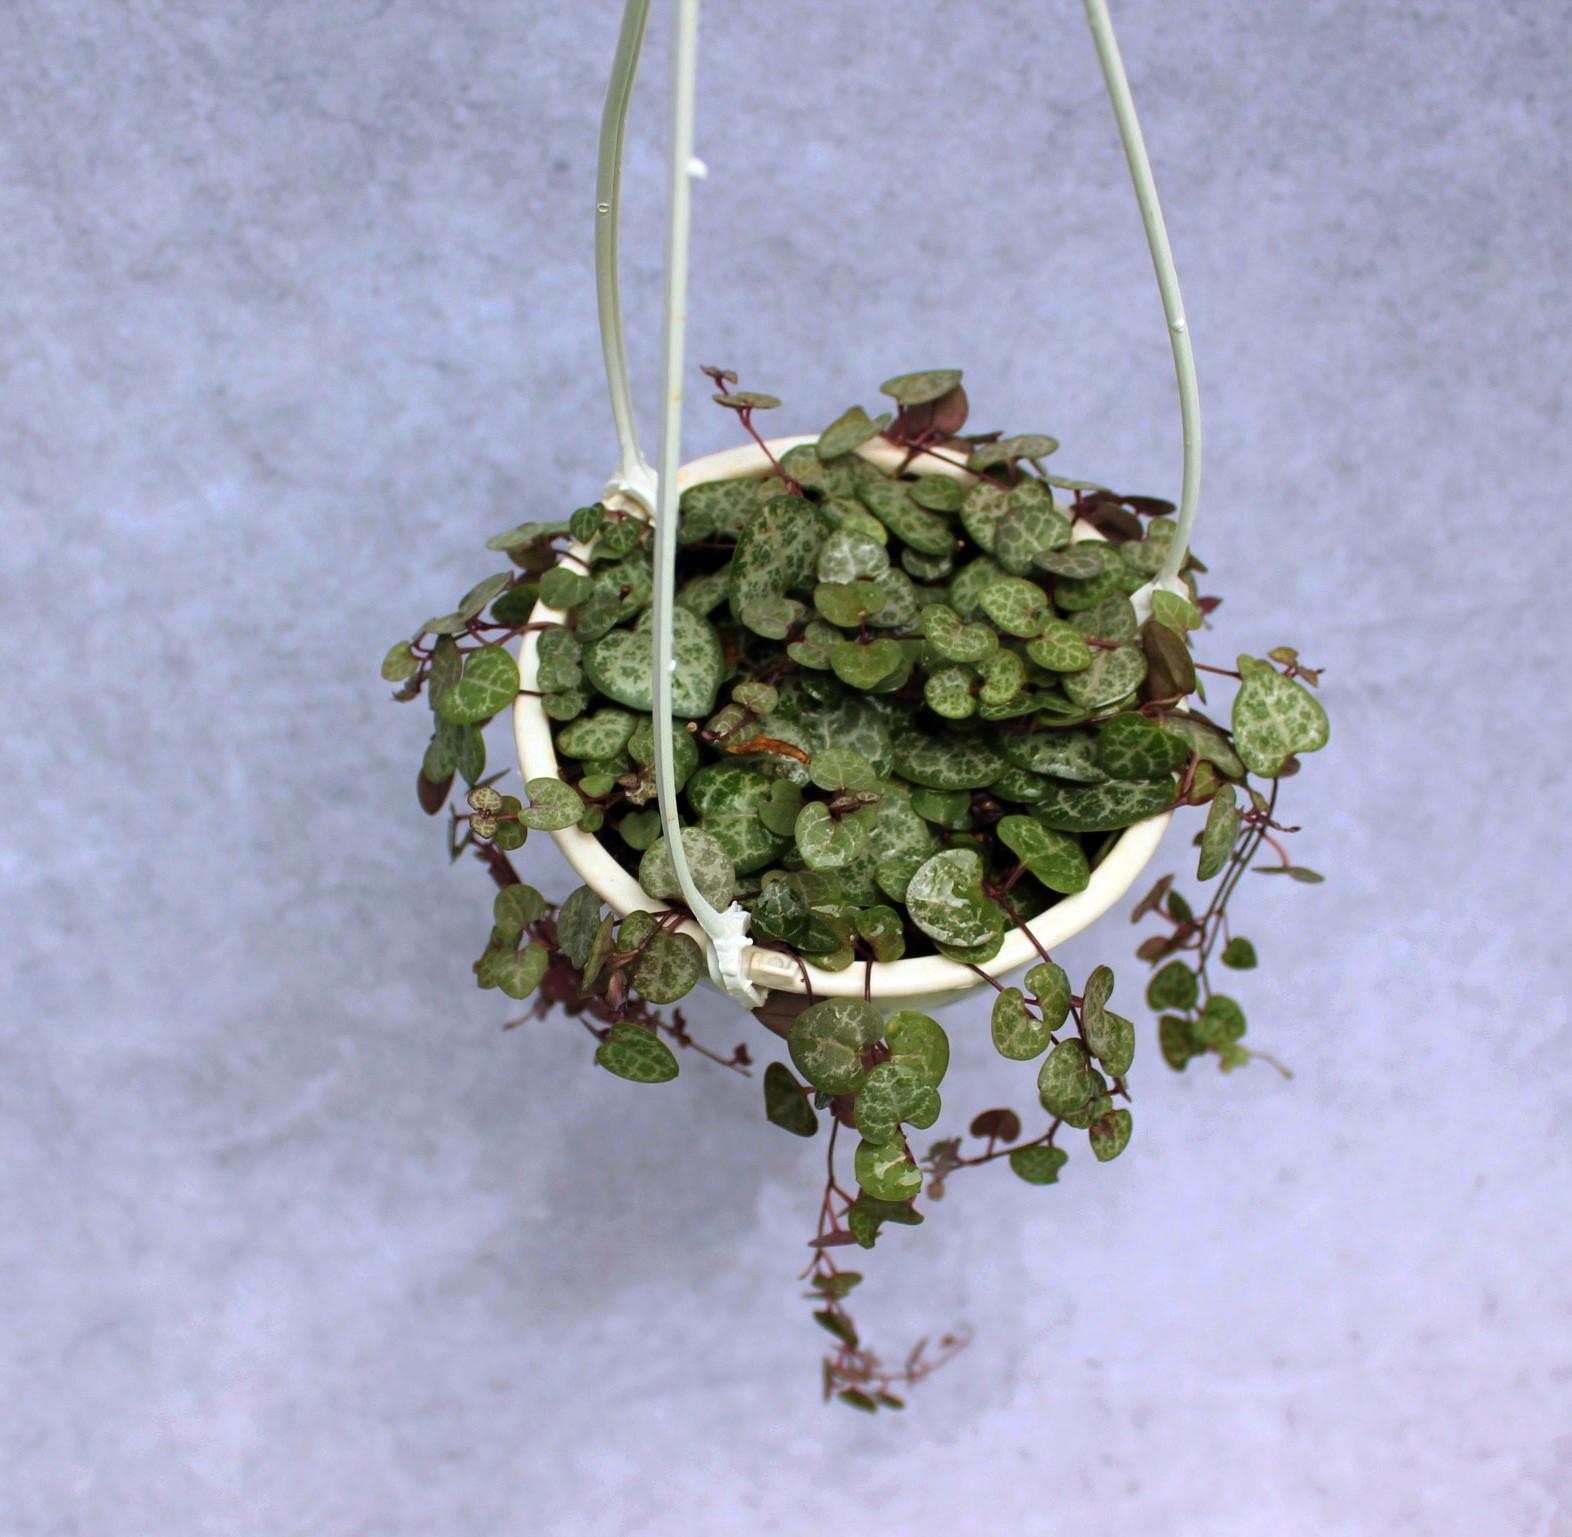 Corações Emaranhados - Cuia 13 (Ceropedia woodii)